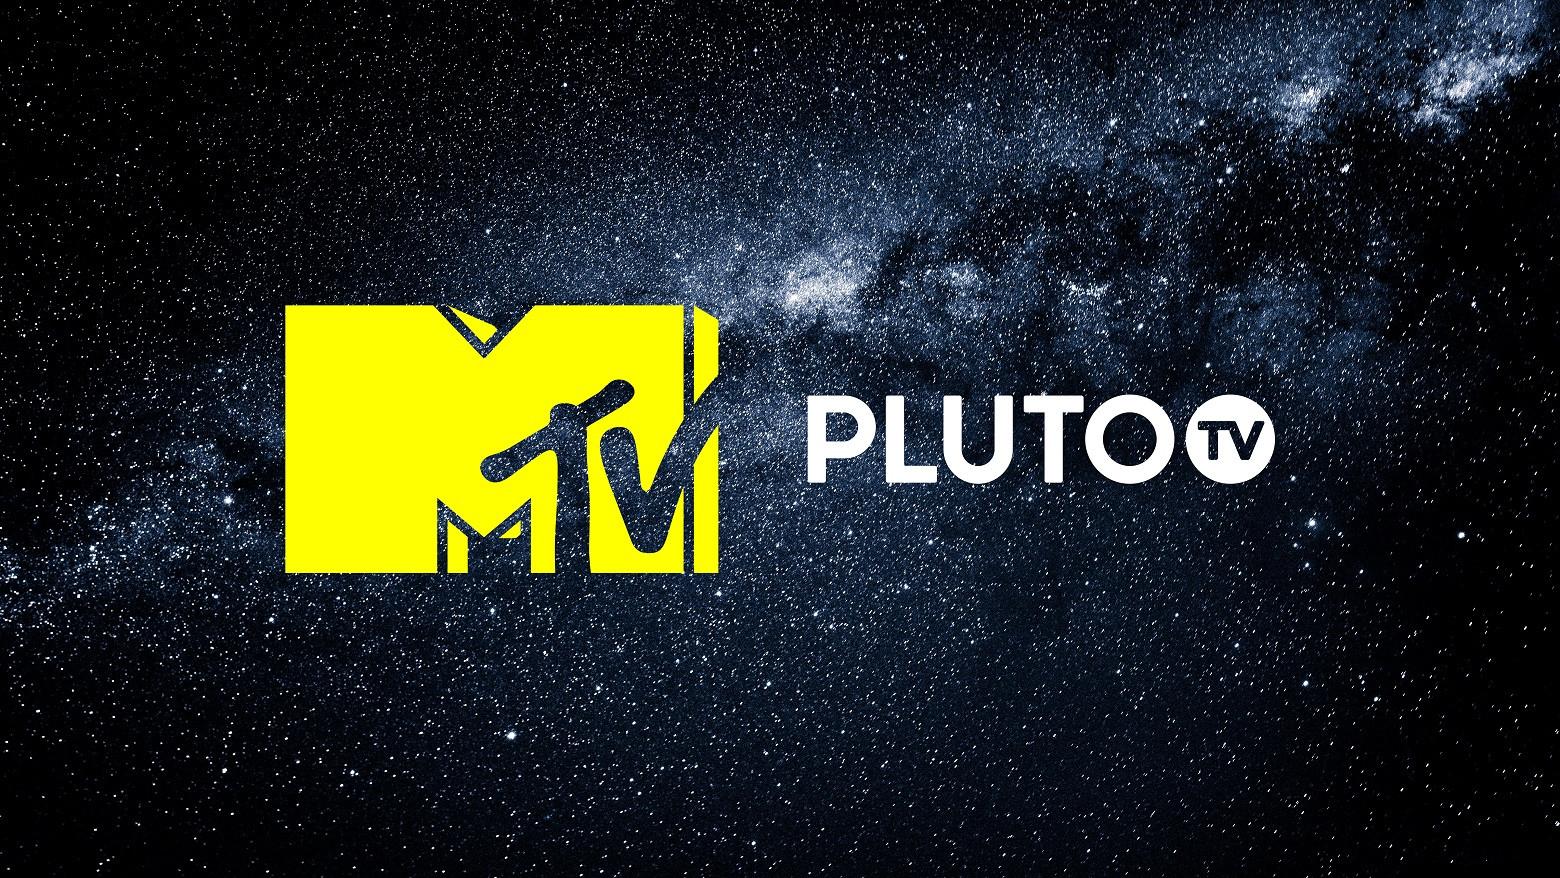 MTV Pluto TV featuredImage.jpg